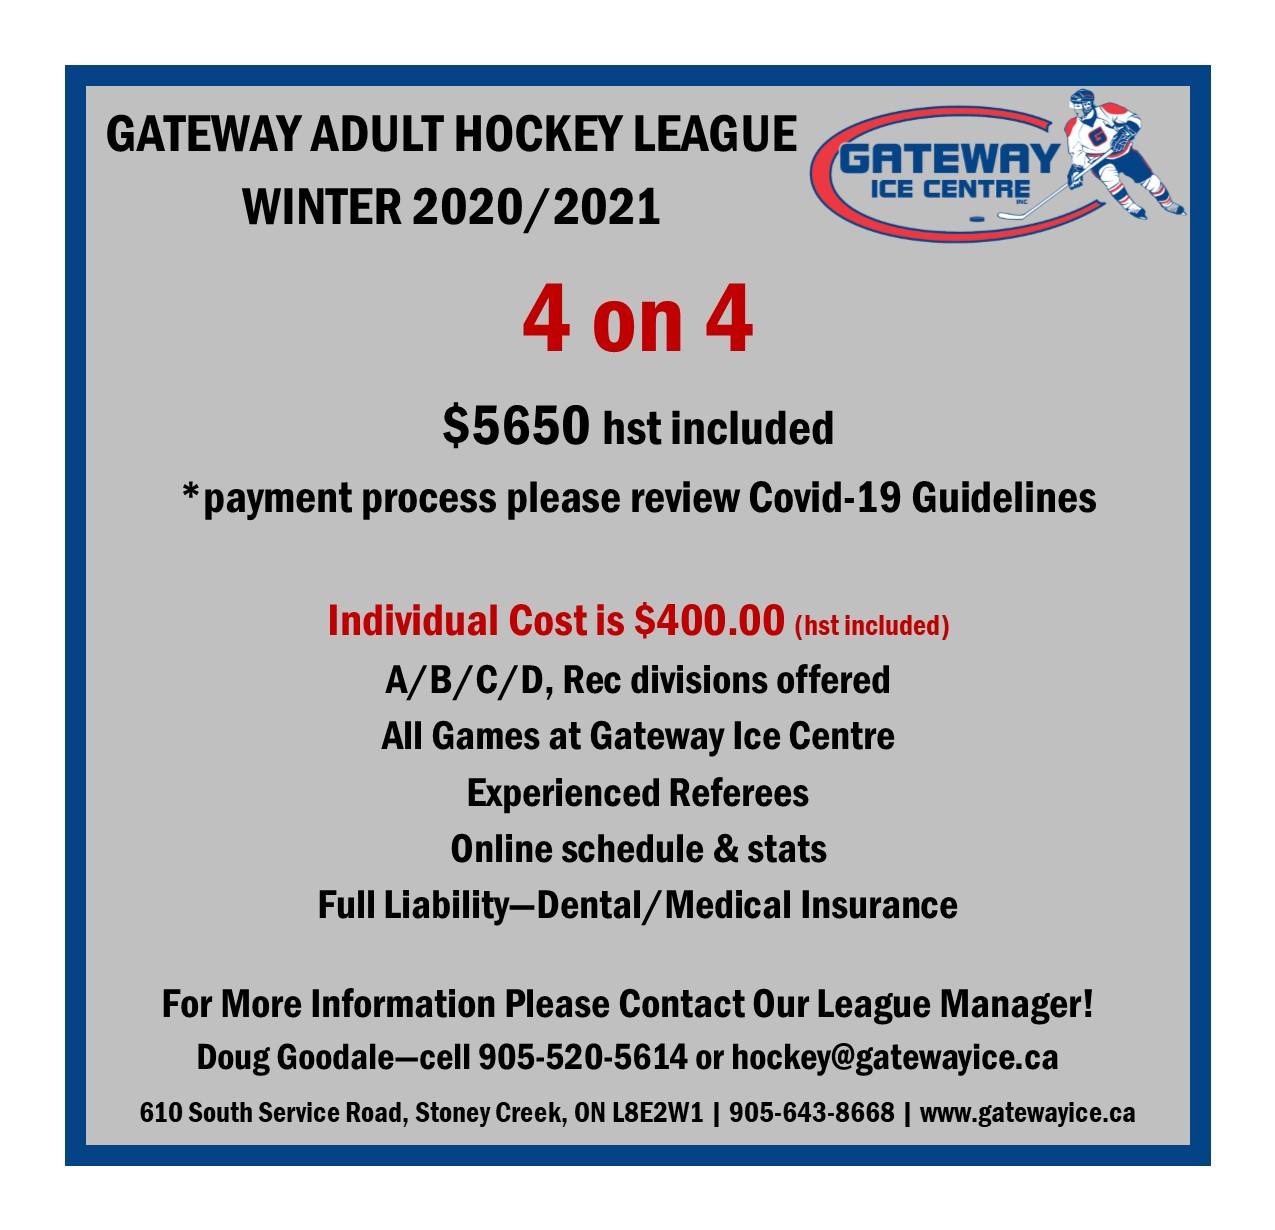 Hockey League Flyer - Winter 2020-21